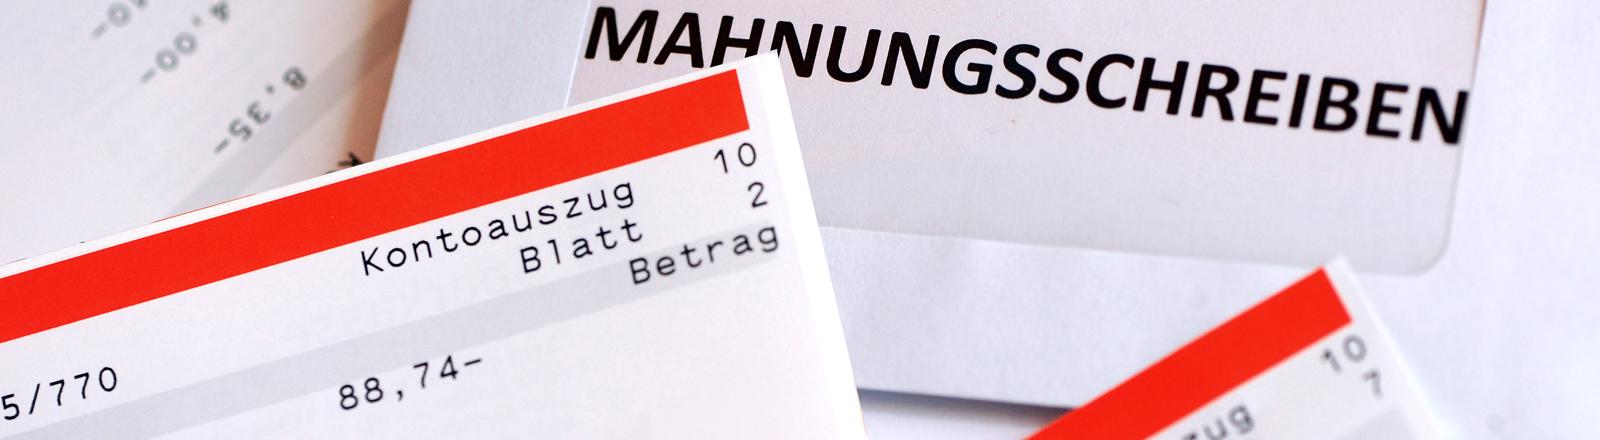 Kontoauszug, der einen Betrag von -88,74 Euro zeigt, und ein Mahnschreiben.